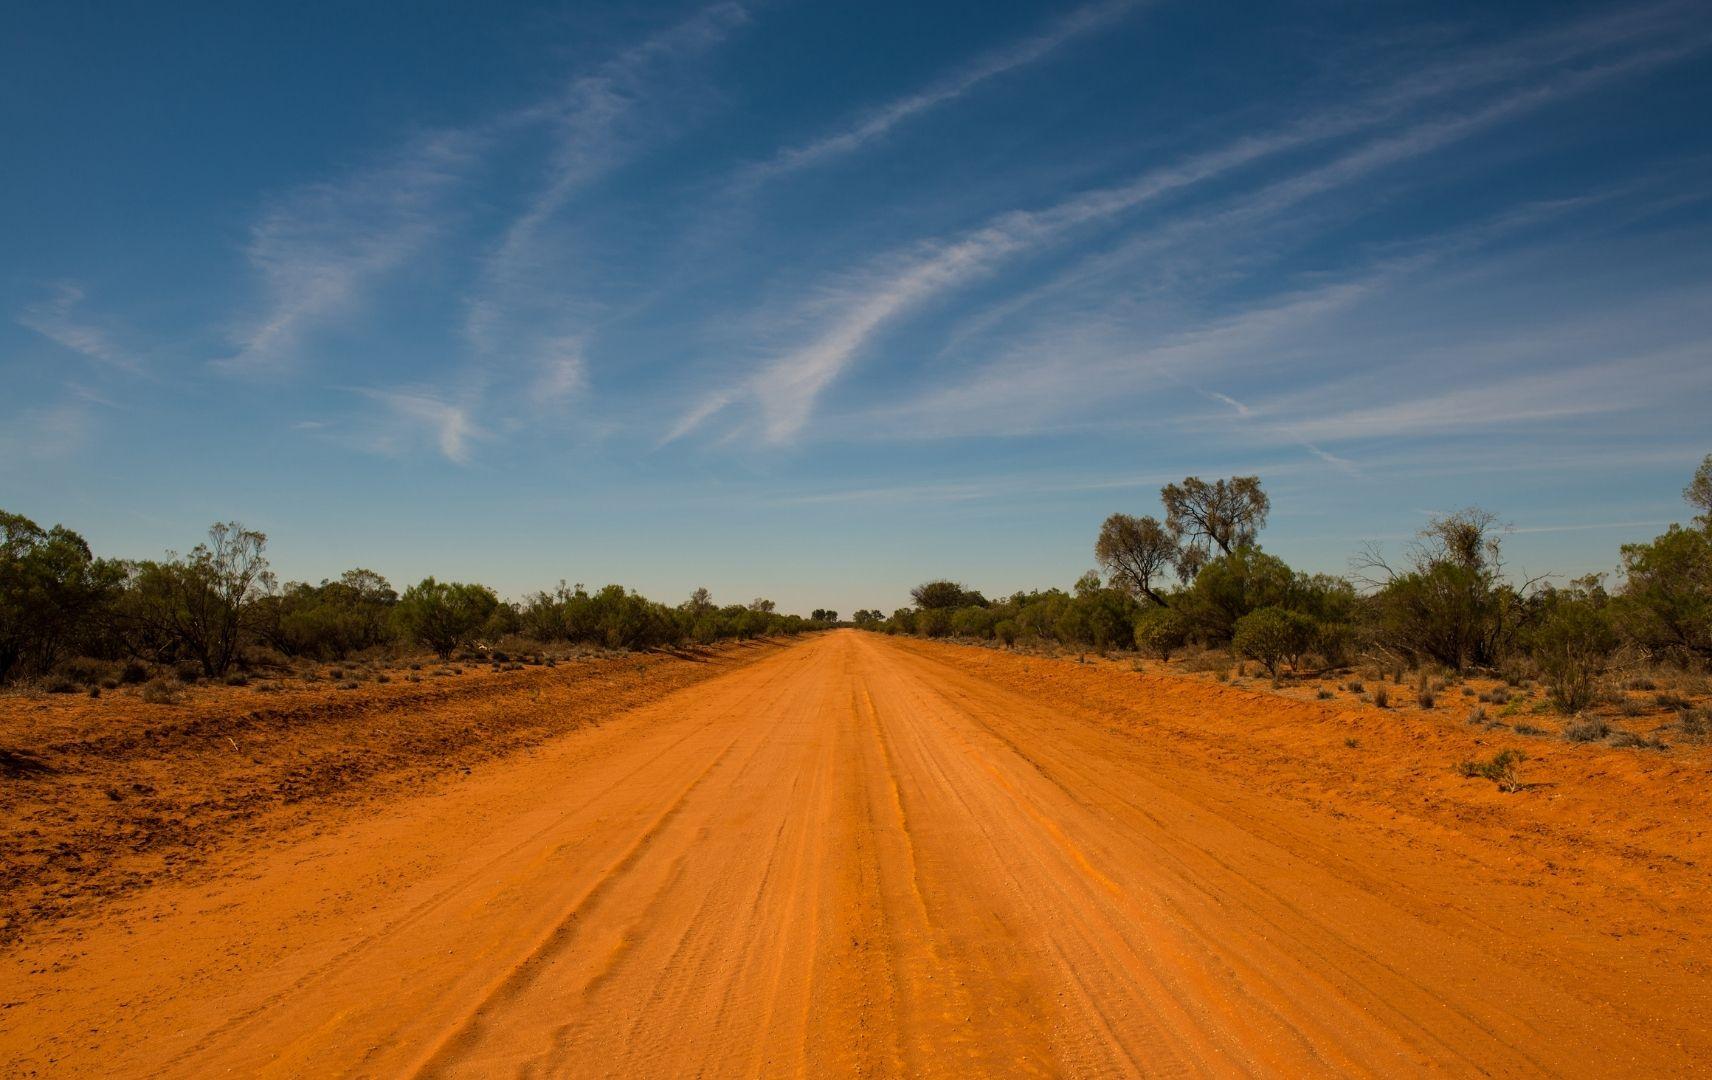 Fernreise Australien - Outback Roter Sand